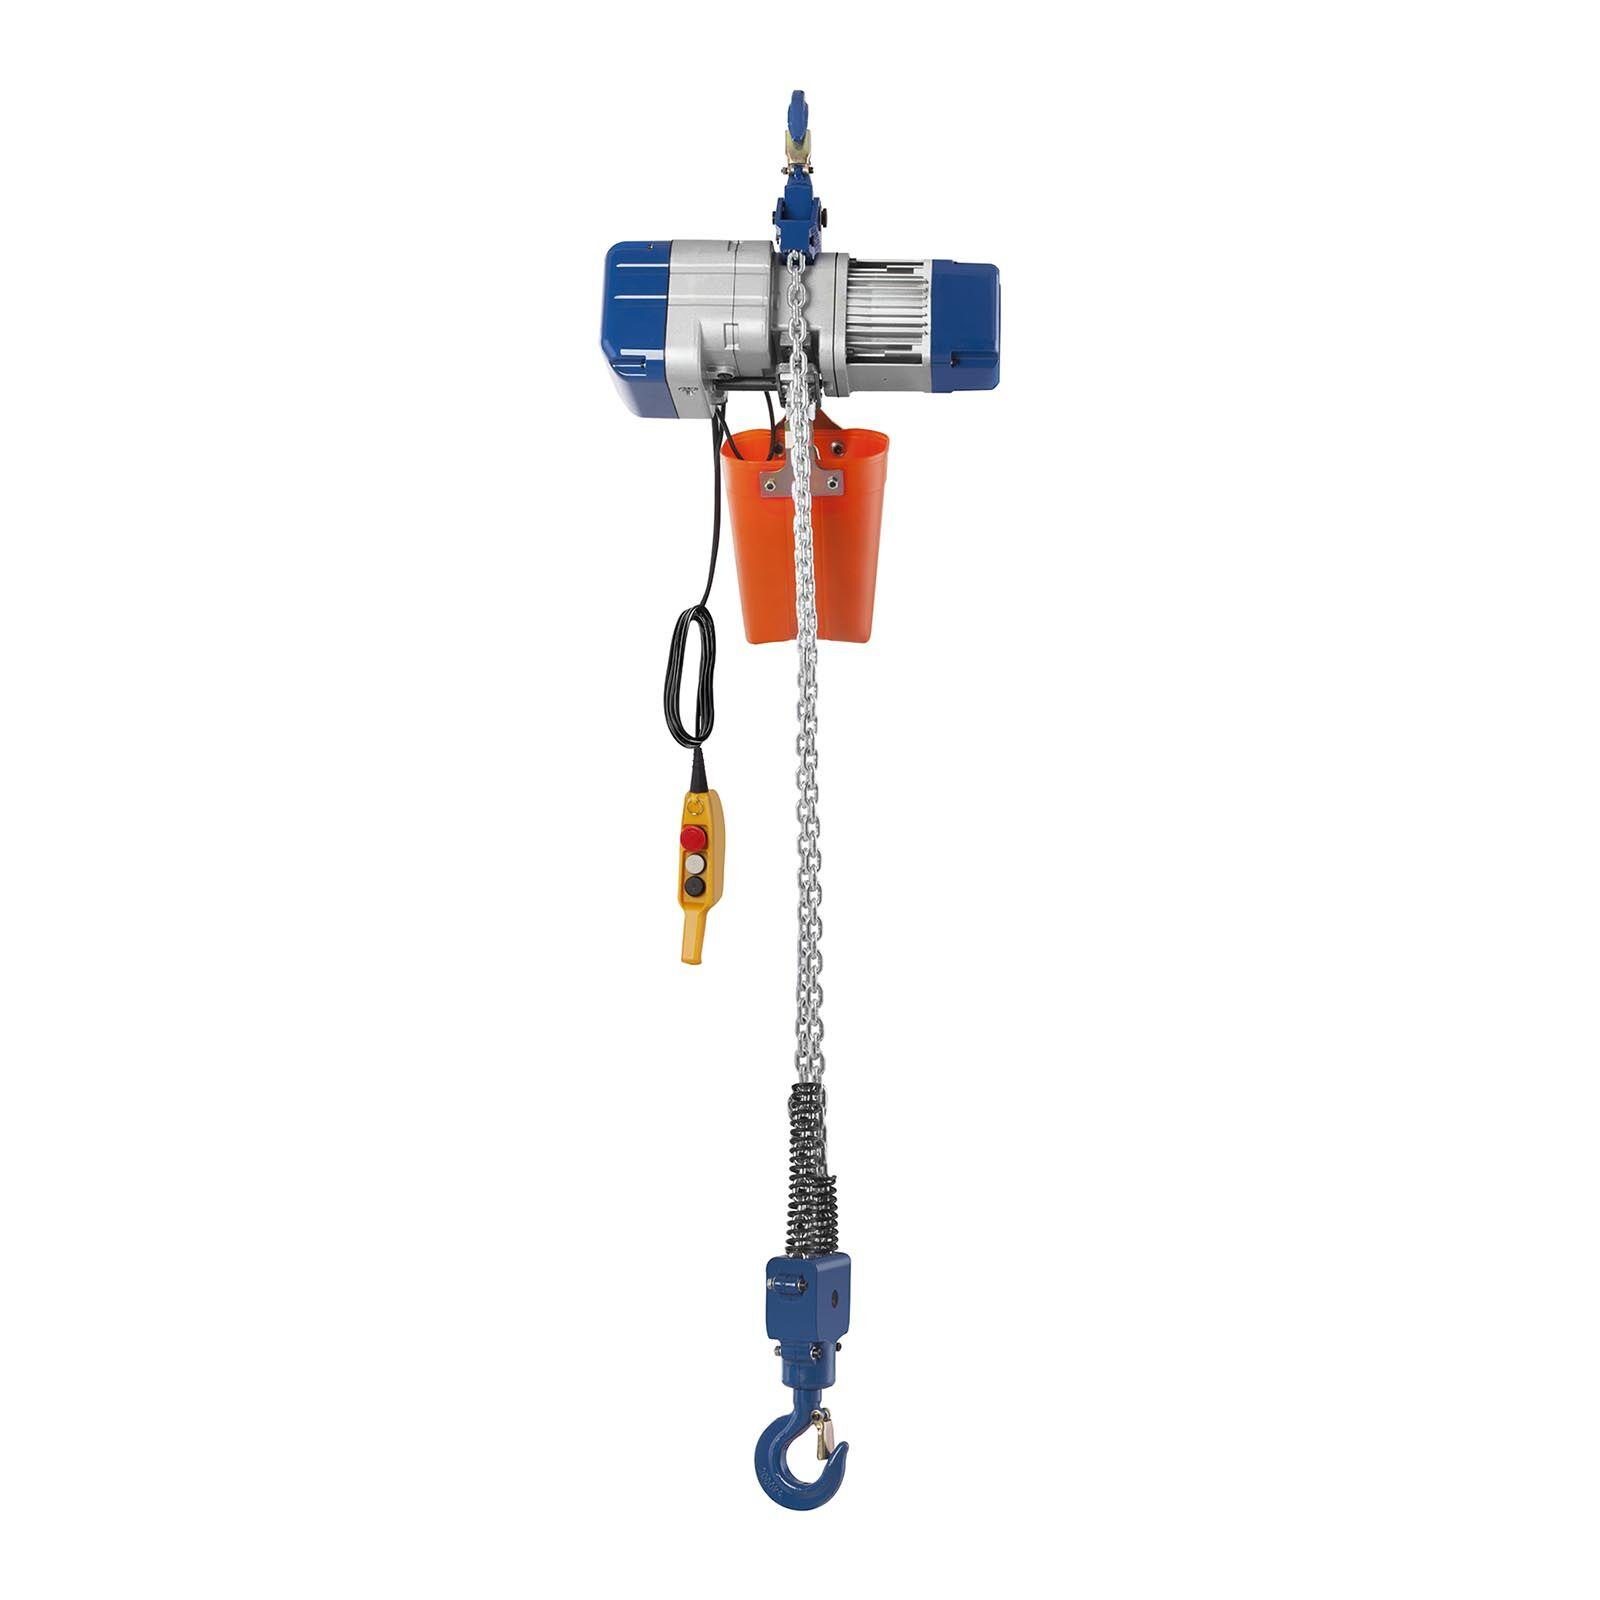 MSW Palan à chaîne électrique - 2 000 kg - 3 m PROLIFTOR 2000